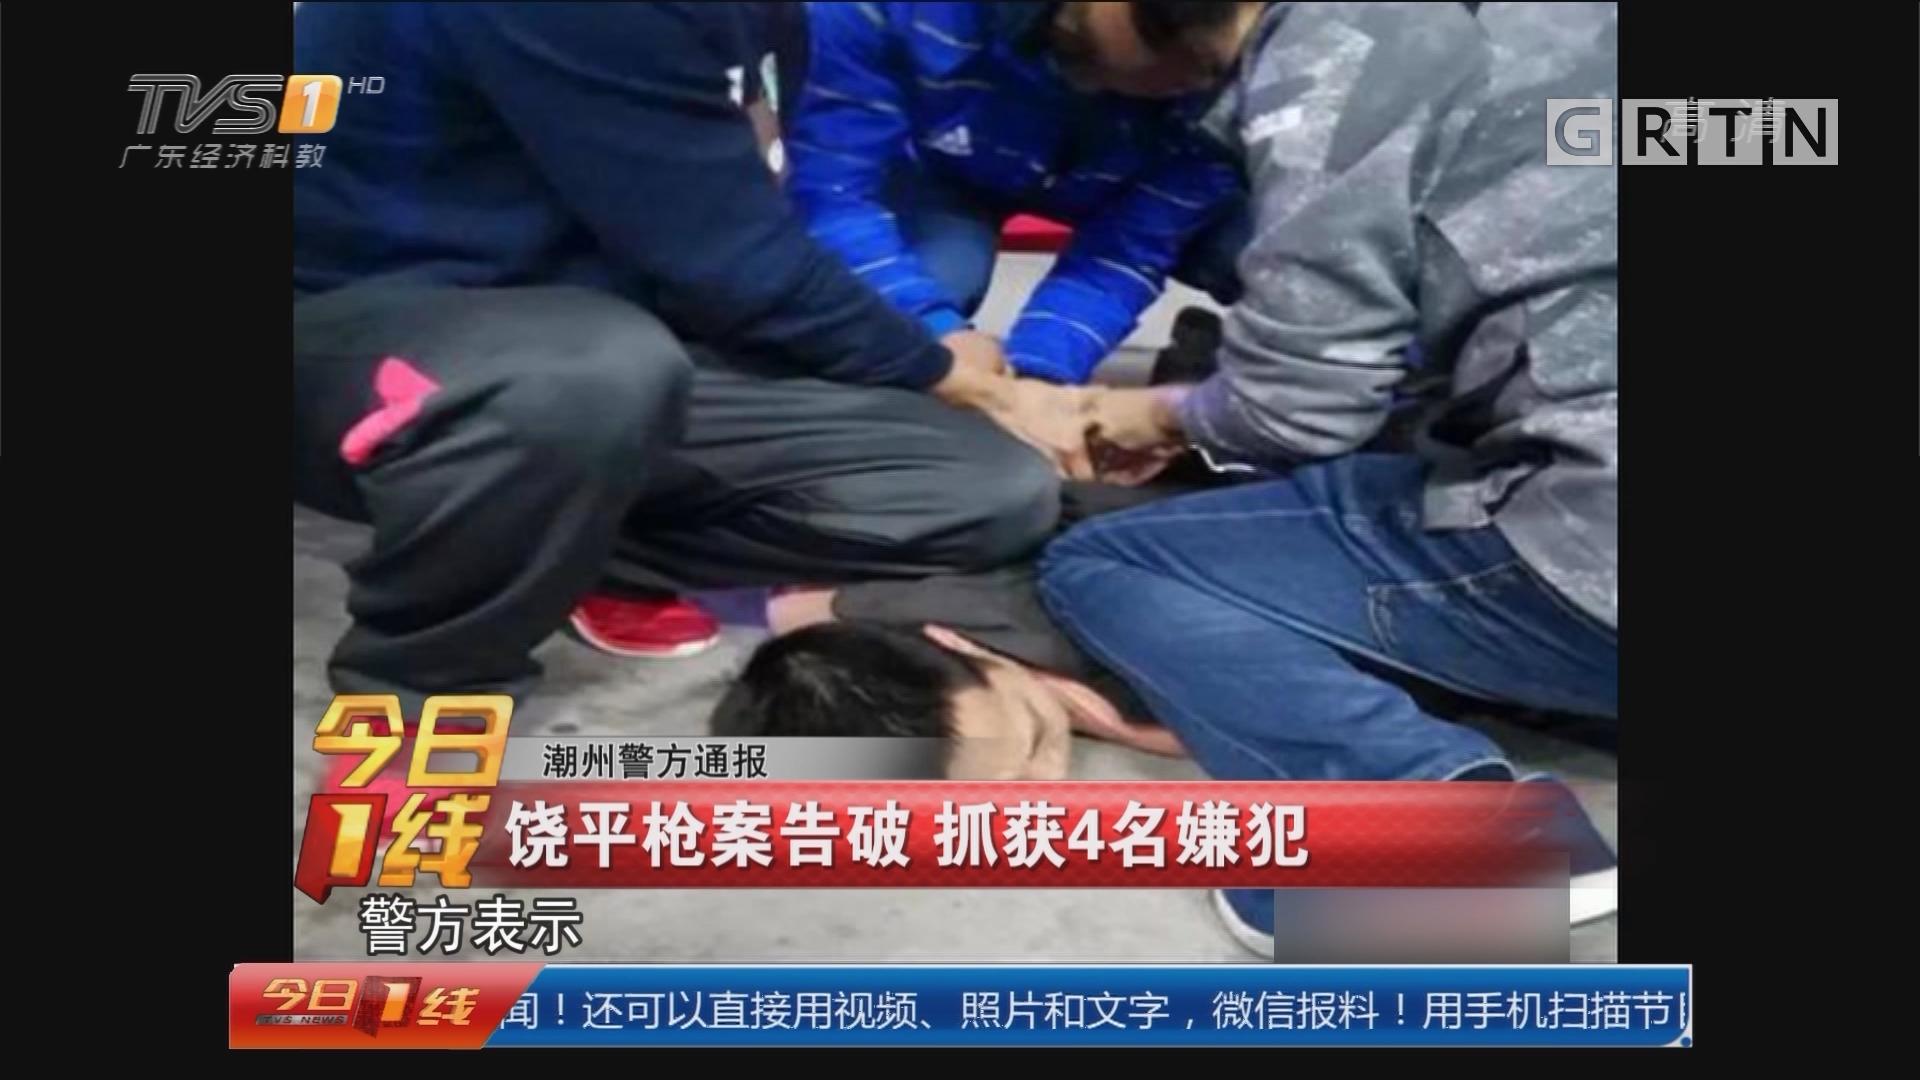 潮州警方通报:饶平枪案告破 抓获4名嫌犯